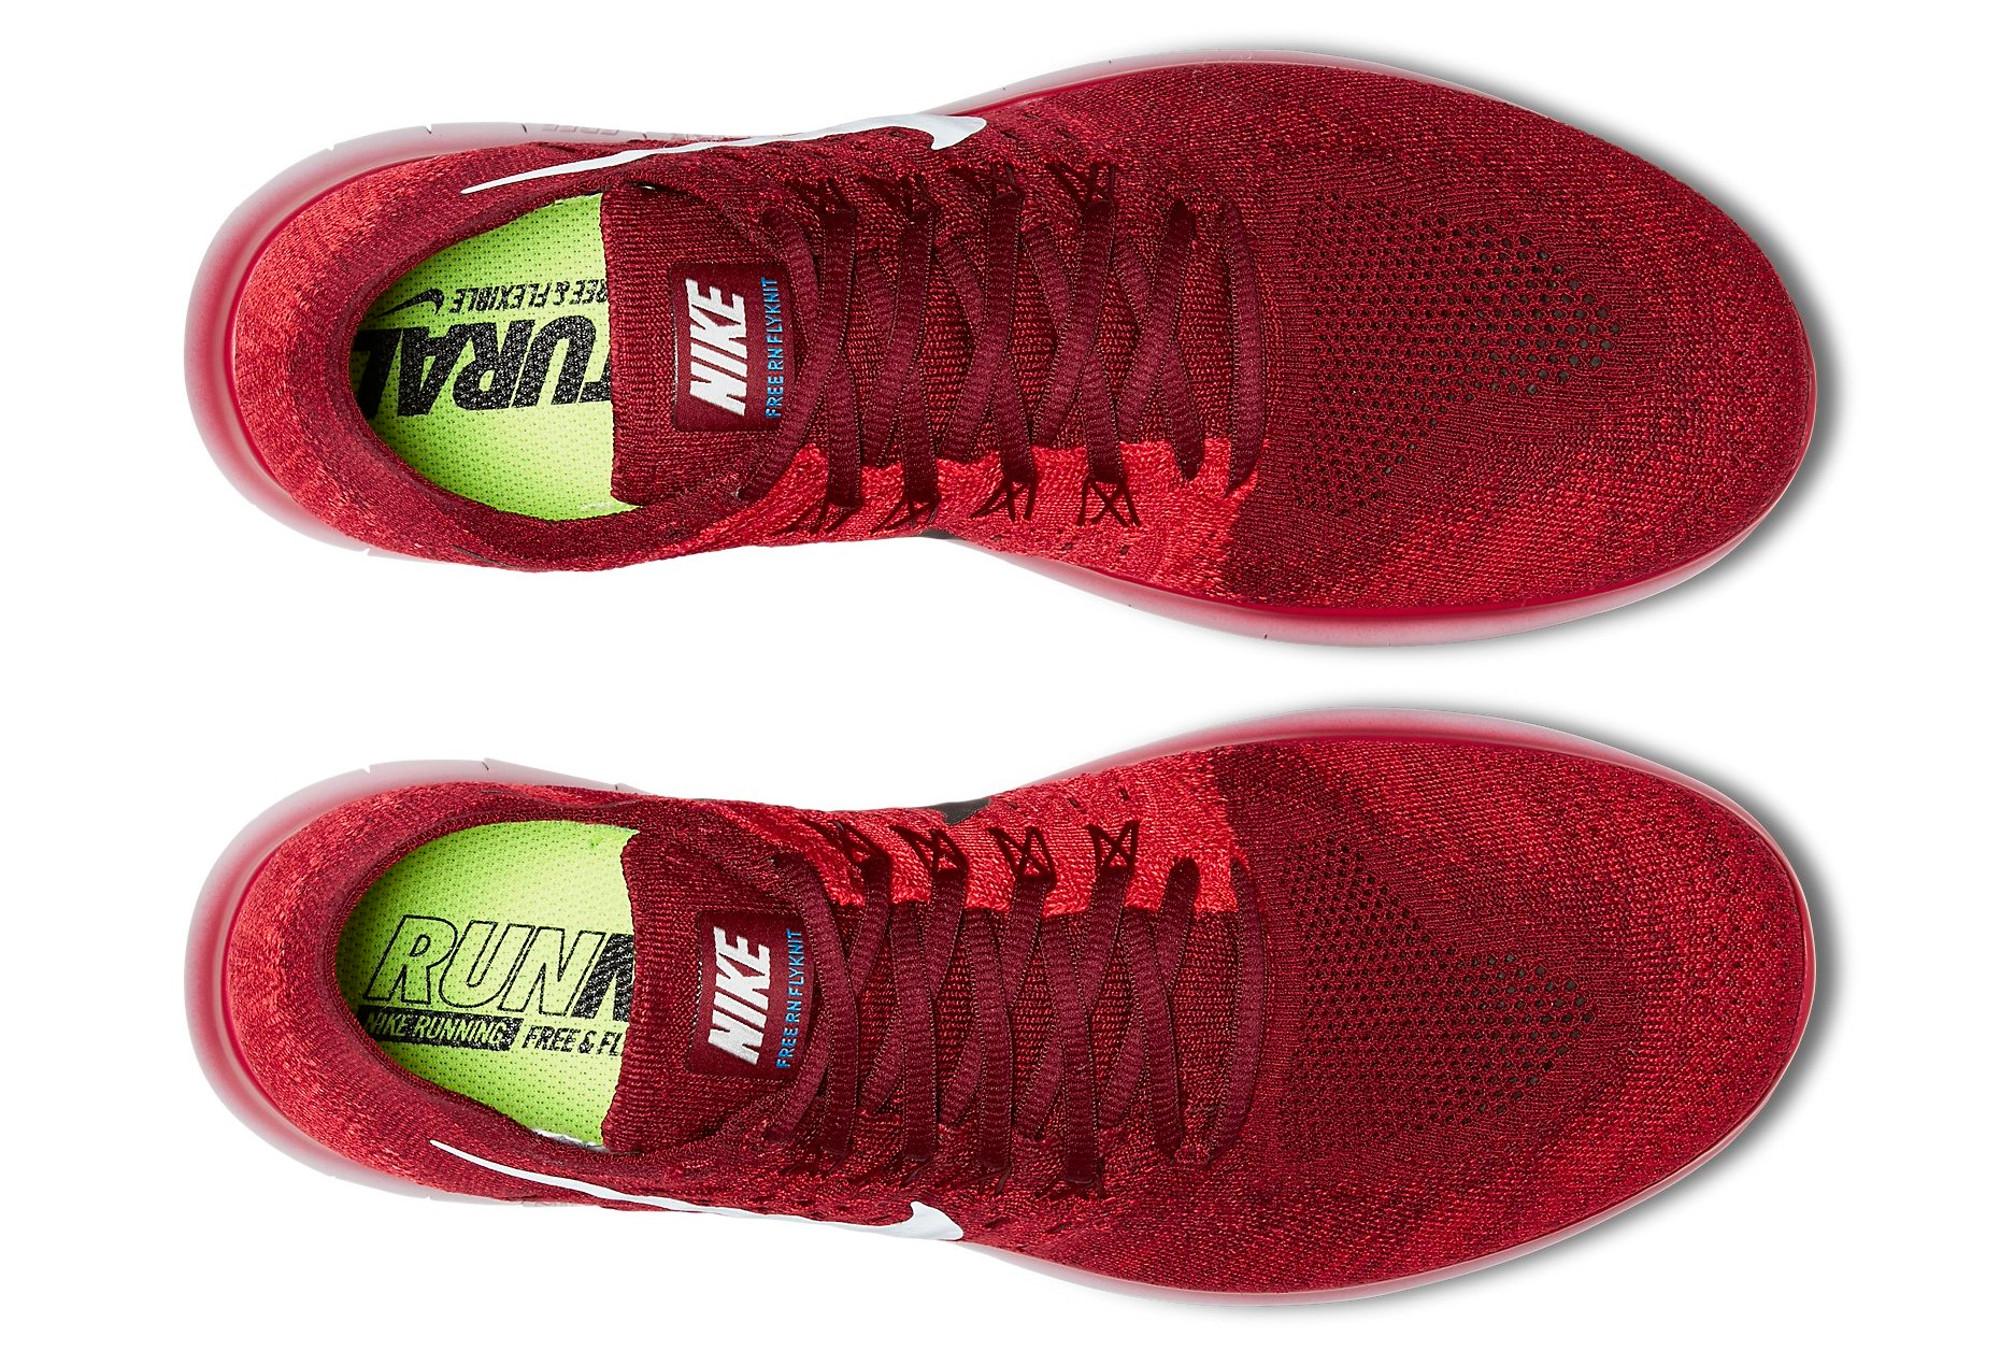 Zapatilla Roja Nike Free Rn 2017 Running